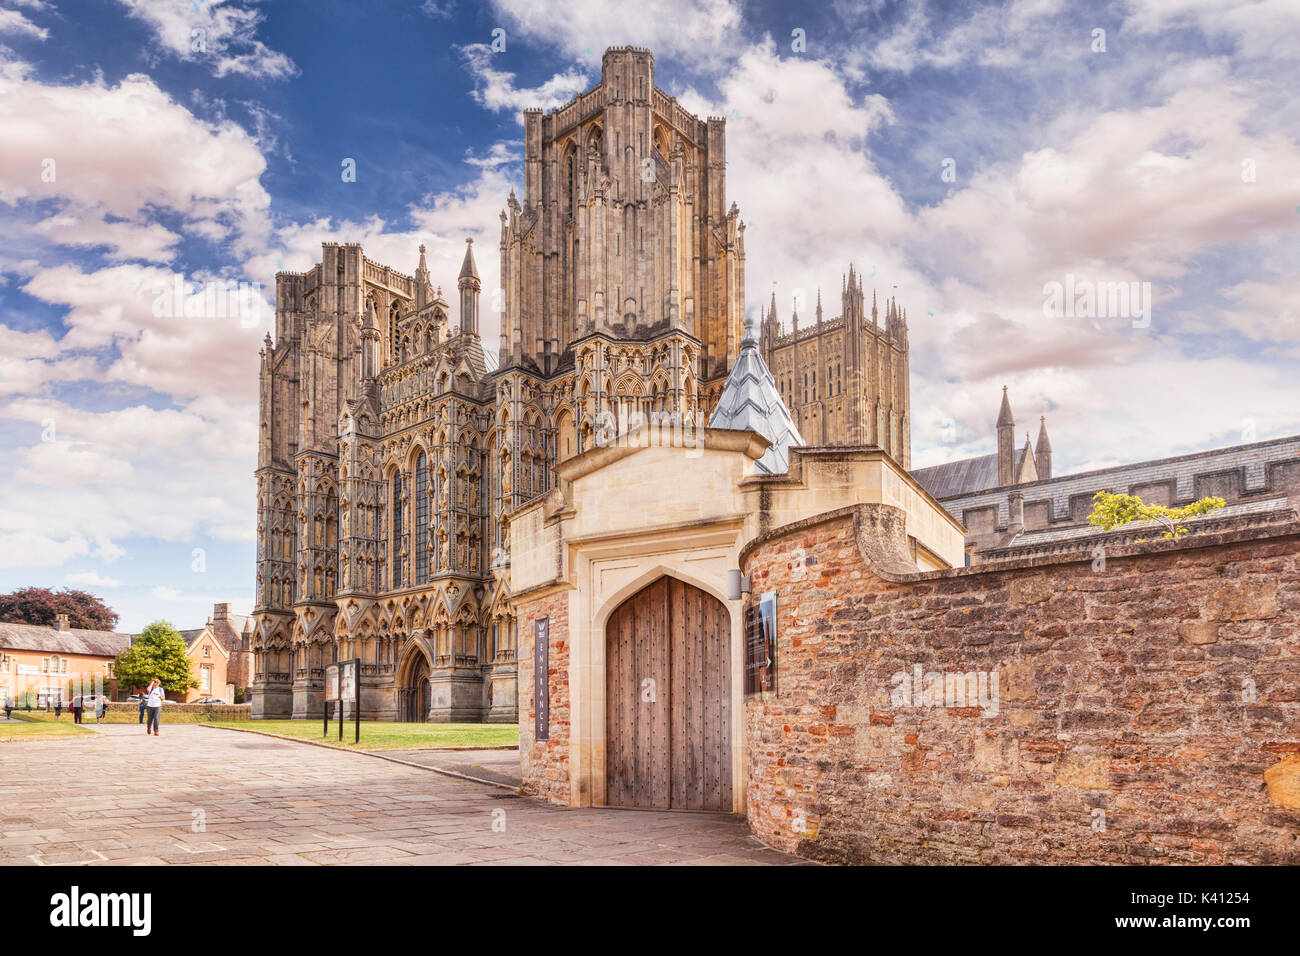 9 Luglio 2017: Wells Somerset, Inghilterra, Regno Unito - la cattedrale, uno di Inghilterra del migliore e la sede del vescovo di Bath e Wells. Immagini Stock